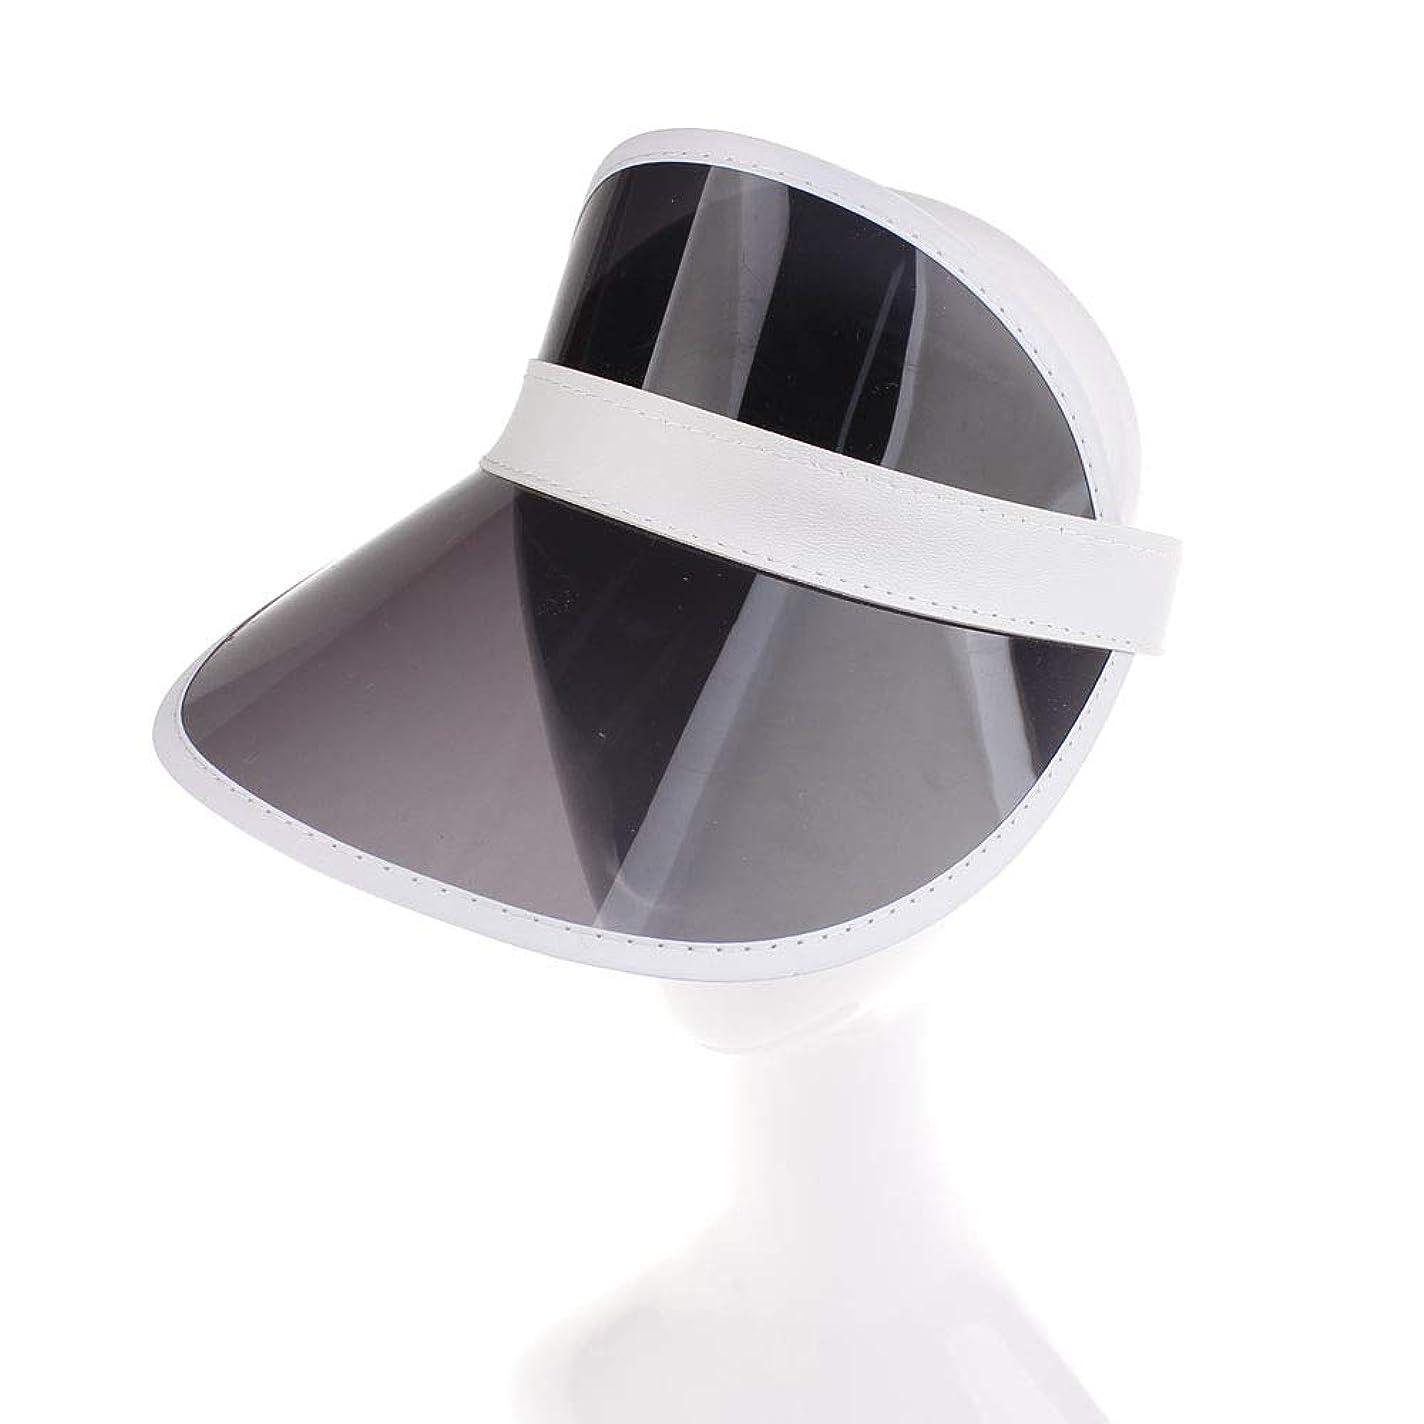 DC UVカット帽子 UVカットハット 日焼け止めキャップ 折り畳み式 バイザー ヘッドギア 紫外線を防ぐ(ブラック)